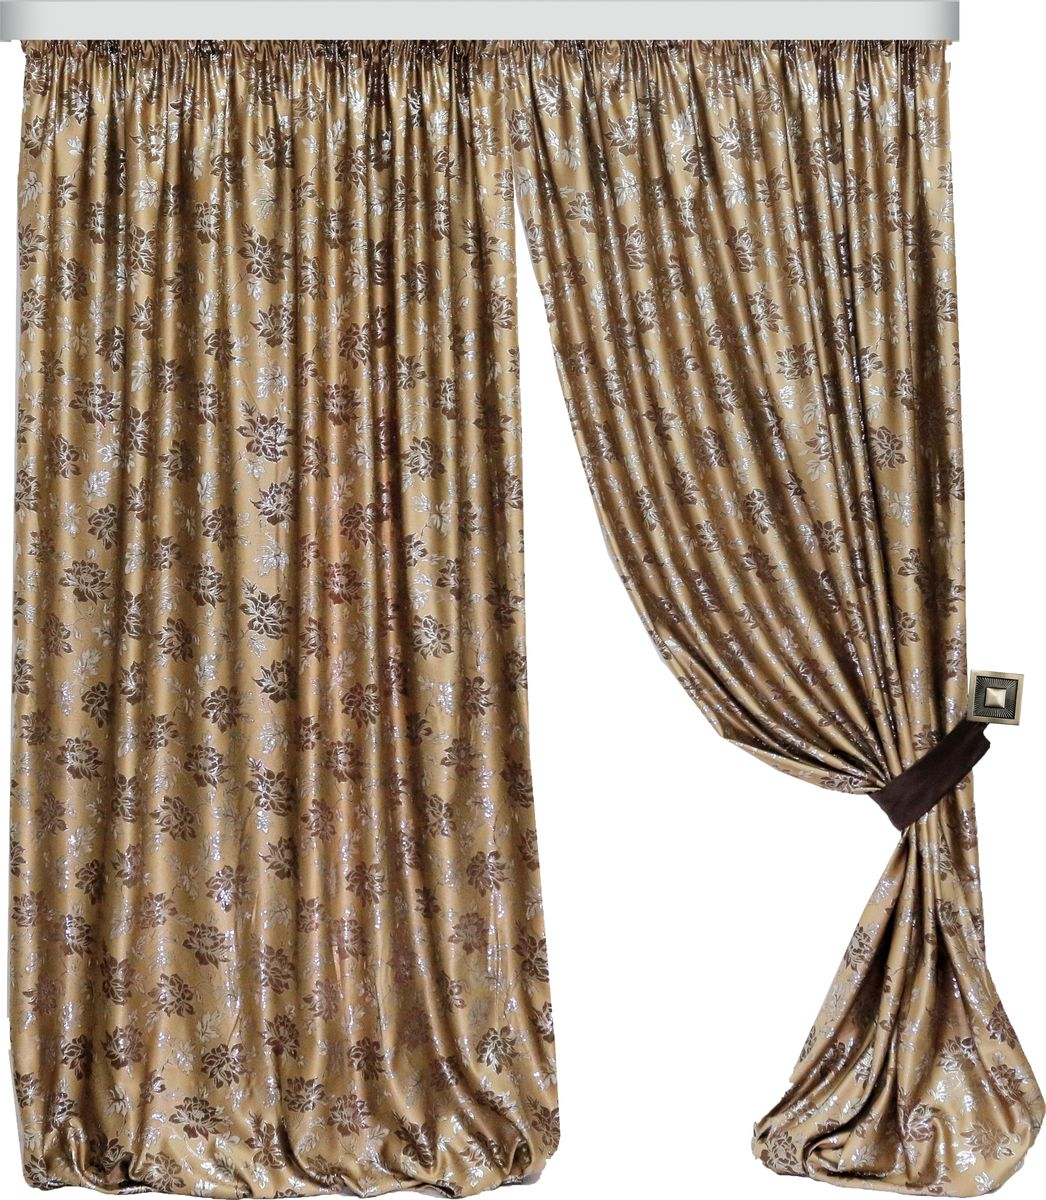 Комплект штор Zlata Korunka, на ленте, цвет: капучино, высота 280 см. 777095777095Роскошный комплект штор Zlata Korunka, выполненный из полиэстера, великолепно украсит любое окно. Комплект состоит из двух штор и двух подхватов. Изящный рисунок и приятная цветовая гамма привлекут к себе внимание и органично впишутся в интерьер помещения.Этот комплект будет долгое время радовать вас и вашу семью! Комплект крепится на карниз при помощи ленты, которая поможет красиво и равномерно задрапировать верх.